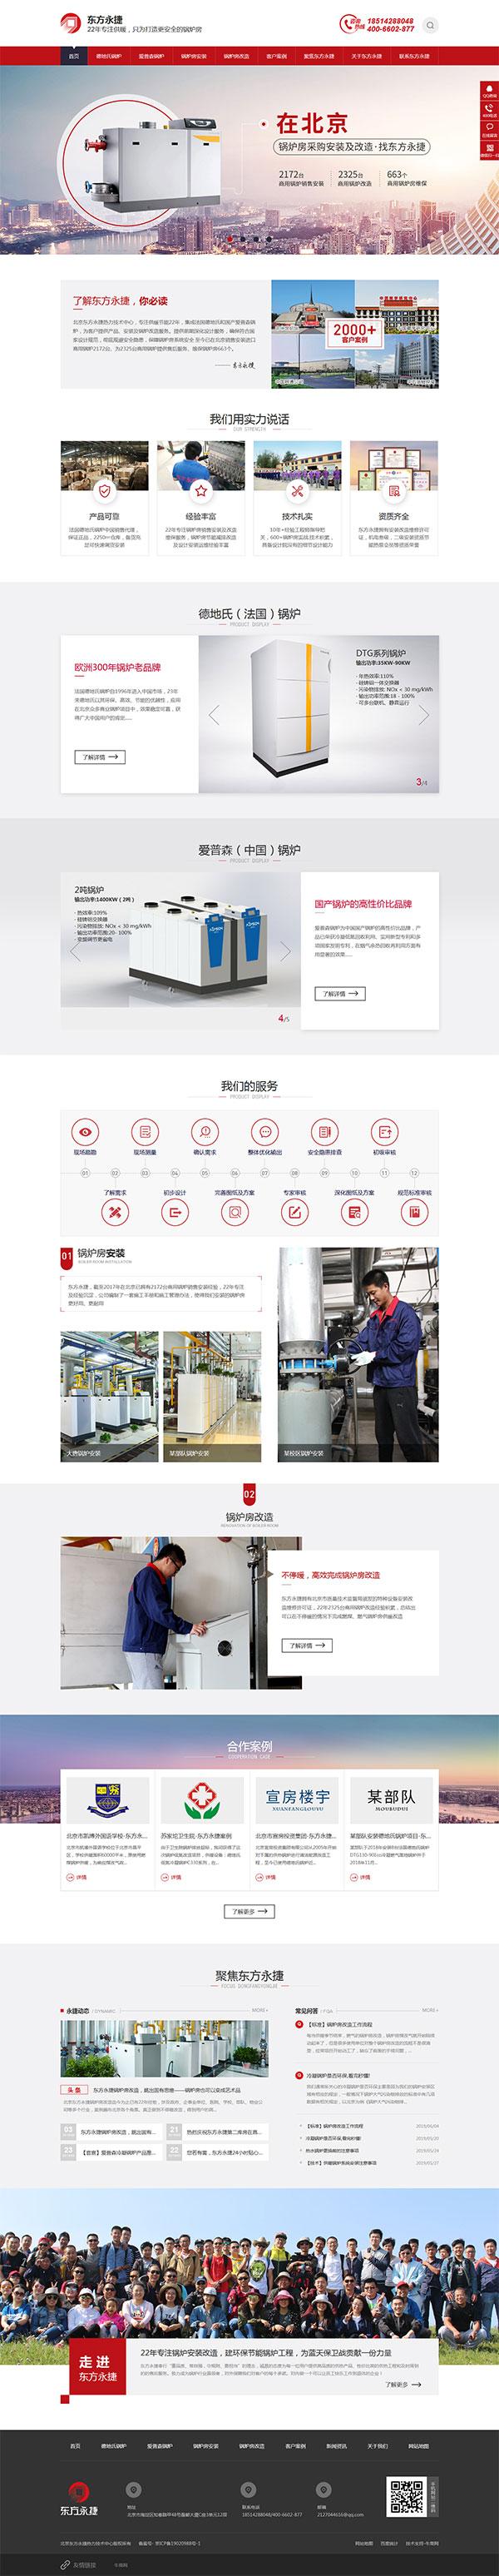 东方永捷锅炉房-龙8国际龙88型龙8国际官网首页